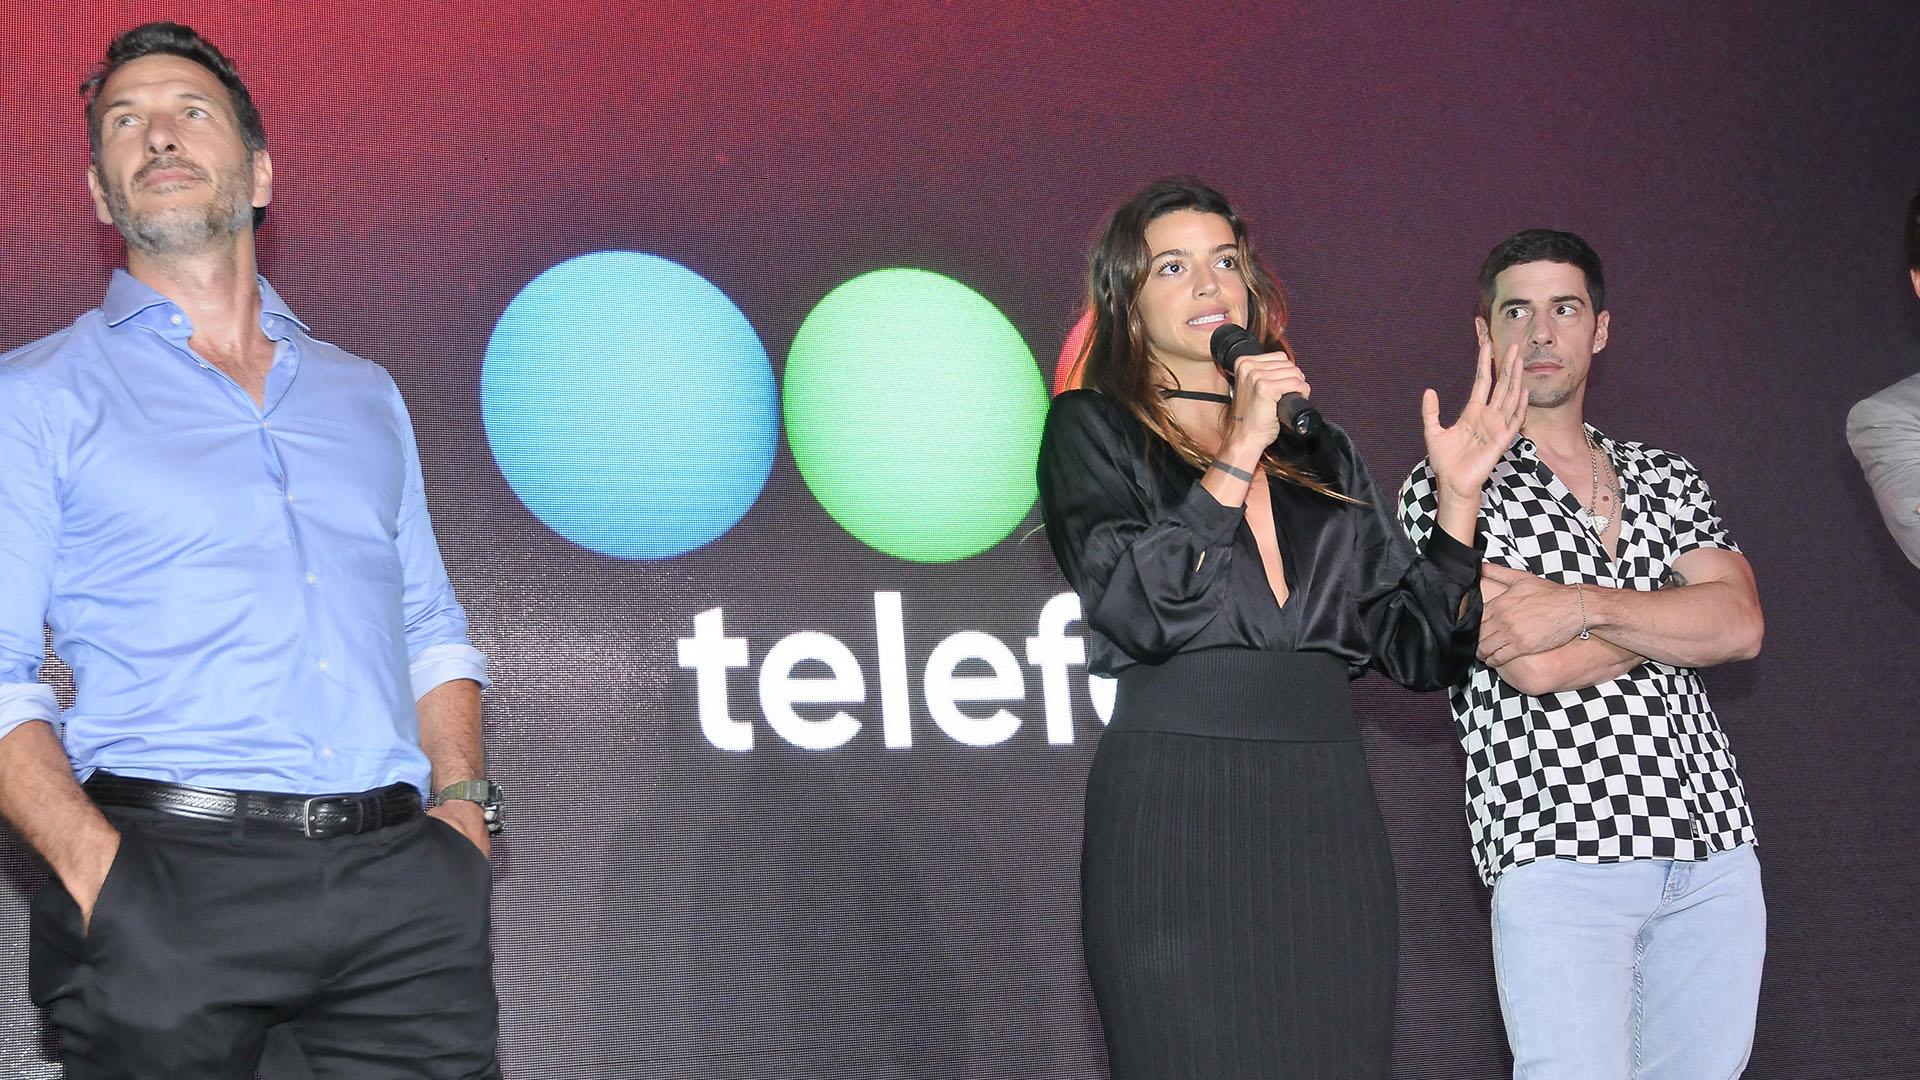 En su regreso a la televisión,la artista interpretará a Luciana Cervantes, una mujer que sufre violencia de género por parte de Vito Paternó, el rol de Lamothe